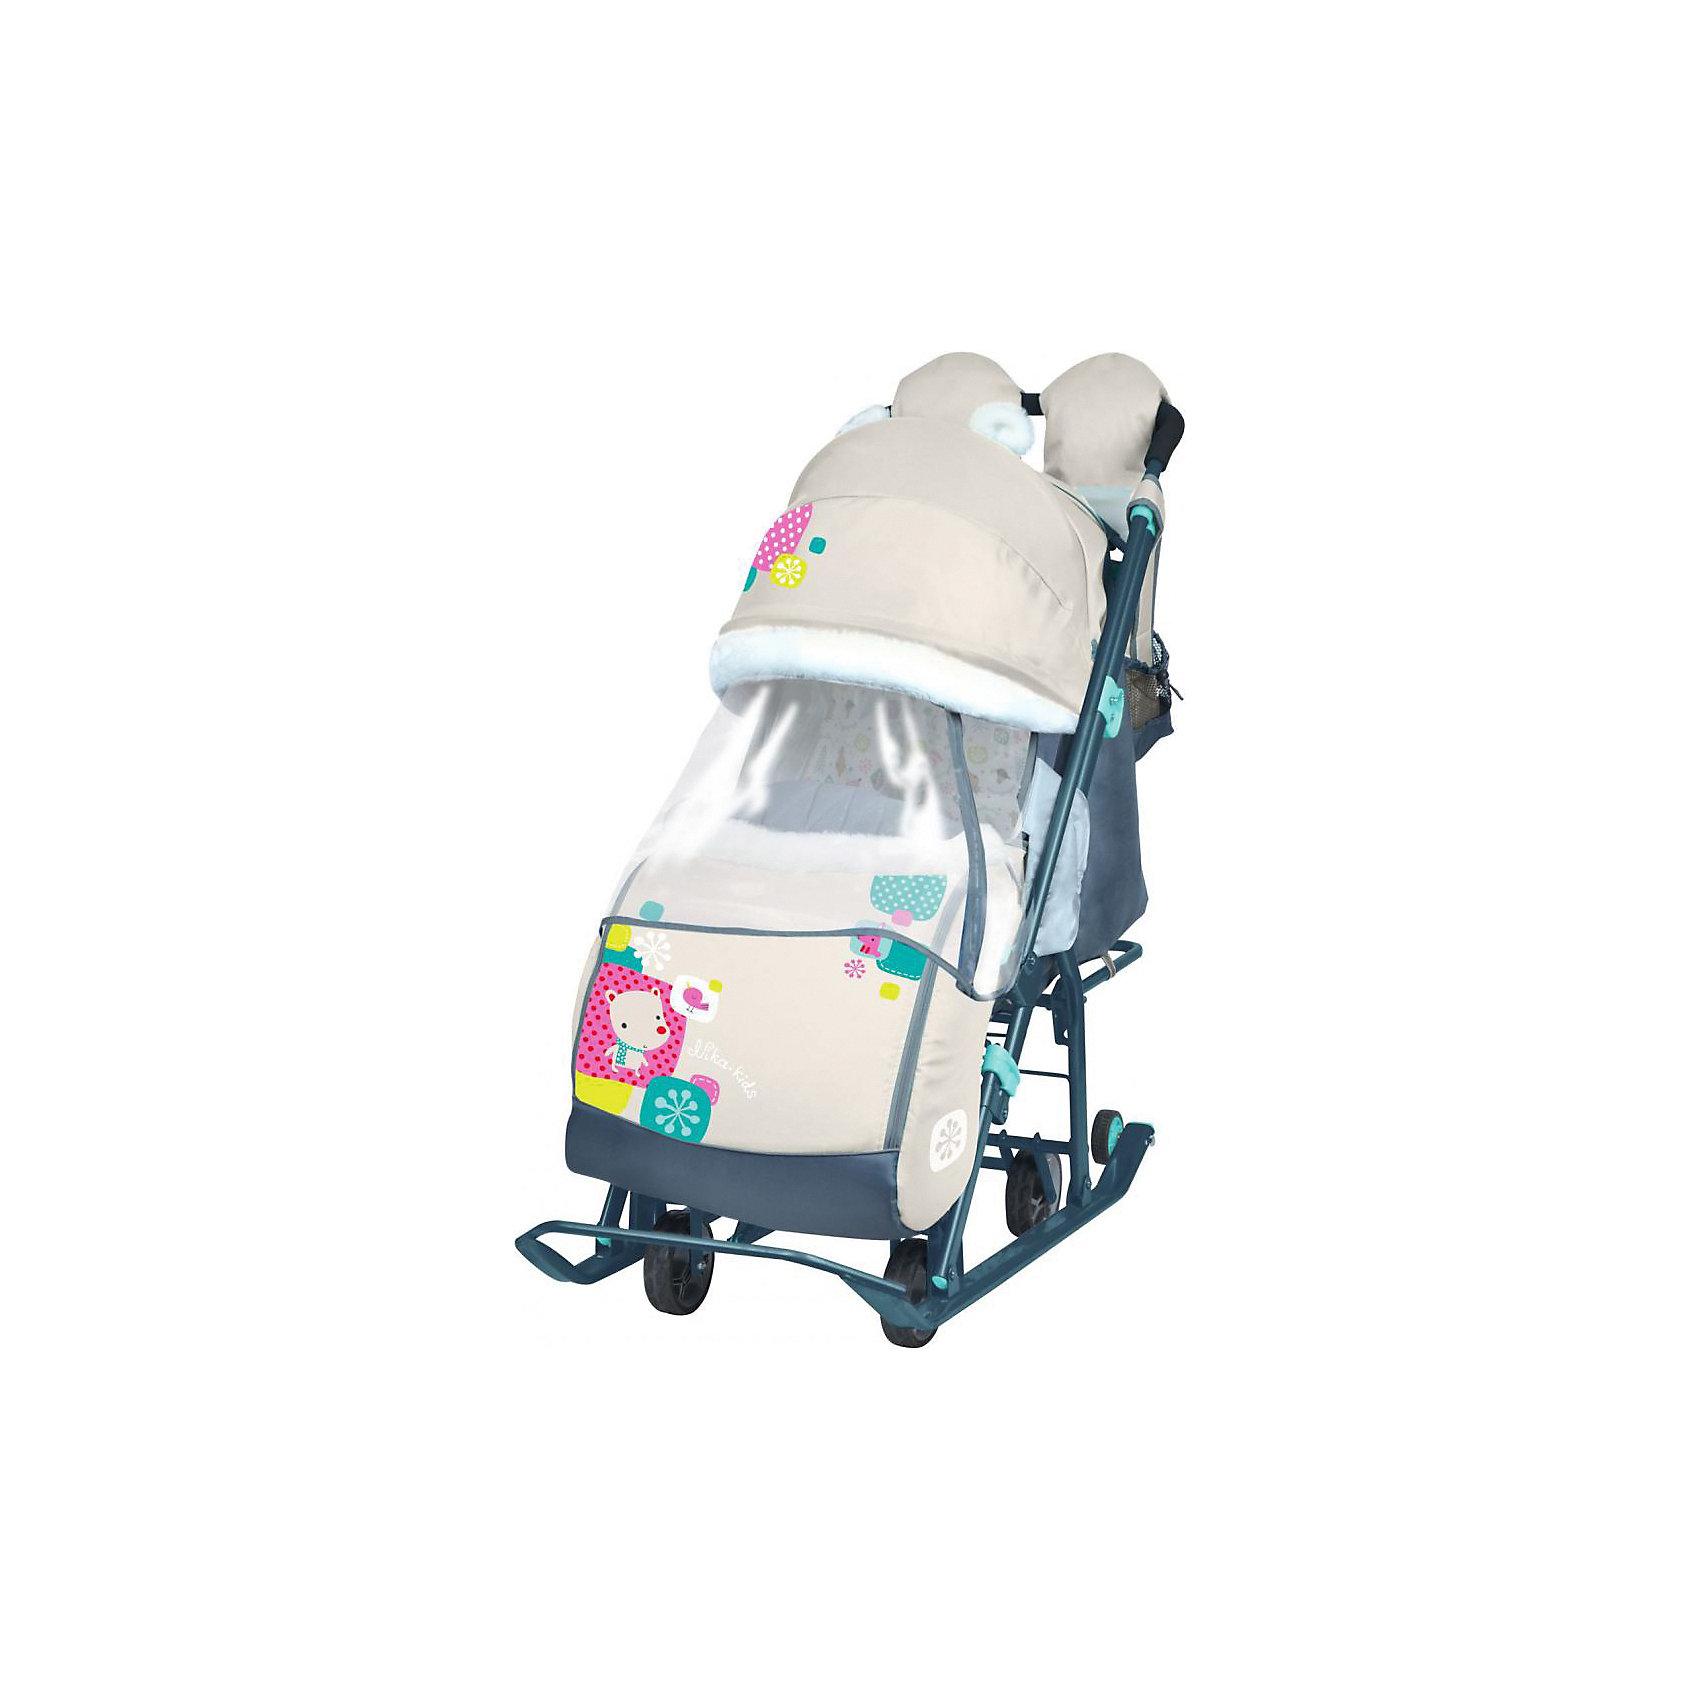 Санки-коляска Ника детям  7-2, Коллаж-мишка, бежевыйСанки-коляски<br>Санки-коляска Ника детям 7-2, Коллаж-мишка, бежевый – легкое передвижение в снежную погоду.<br>Удобные санки оснащены пятиточечными ремнями безопасности, которые предотвращают выпадение малыша из колясок даже при очень быстрой ходьбе. Благодаря широким полозьям и транспортировочным колесам санки-коляску очень легко перемещать и возить как по бездорожью, так и по дорогам с небольшим количеством снега. Чехол для ножек и капюшон с окошком позволяют малышу укрыться от снега, ветра, метели и не заскучать. Спинка регулируется в трех положениях, а специальная подножка позволяет ребенку удобно разместиться лежа. Ручка для родителей имеет два положения: сзади санок и спереди, и оснащена теплыми варежками для долгих прогулок. В комплект к санкам идет вместительная сумка.<br><br>Дополнительная информация:<br><br>- материал: металл, полиэсте <br>- размер в разложенном виде (с выдвинутой колесной базой):105х44,5х109,5 см<br>- высота ручки от земли: 93 см<br>- размер сиденья: 32 х 29 см<br>- размер спинки: 33х43 см<br>- размер в сложенном виде: 110,5х44,5х28 см<br>- вес: 10 кг<br>- максимальный вес ребенка: 25 кг<br><br>Санки-коляска Ника детям 7-2, Коллаж-мишка, бежевый можно купить в нашем магазине.<br><br>Ширина мм: 1105<br>Глубина мм: 445<br>Высота мм: 280<br>Вес г: 11000<br>Возраст от месяцев: 12<br>Возраст до месяцев: 48<br>Пол: Унисекс<br>Возраст: Детский<br>SKU: 4937469